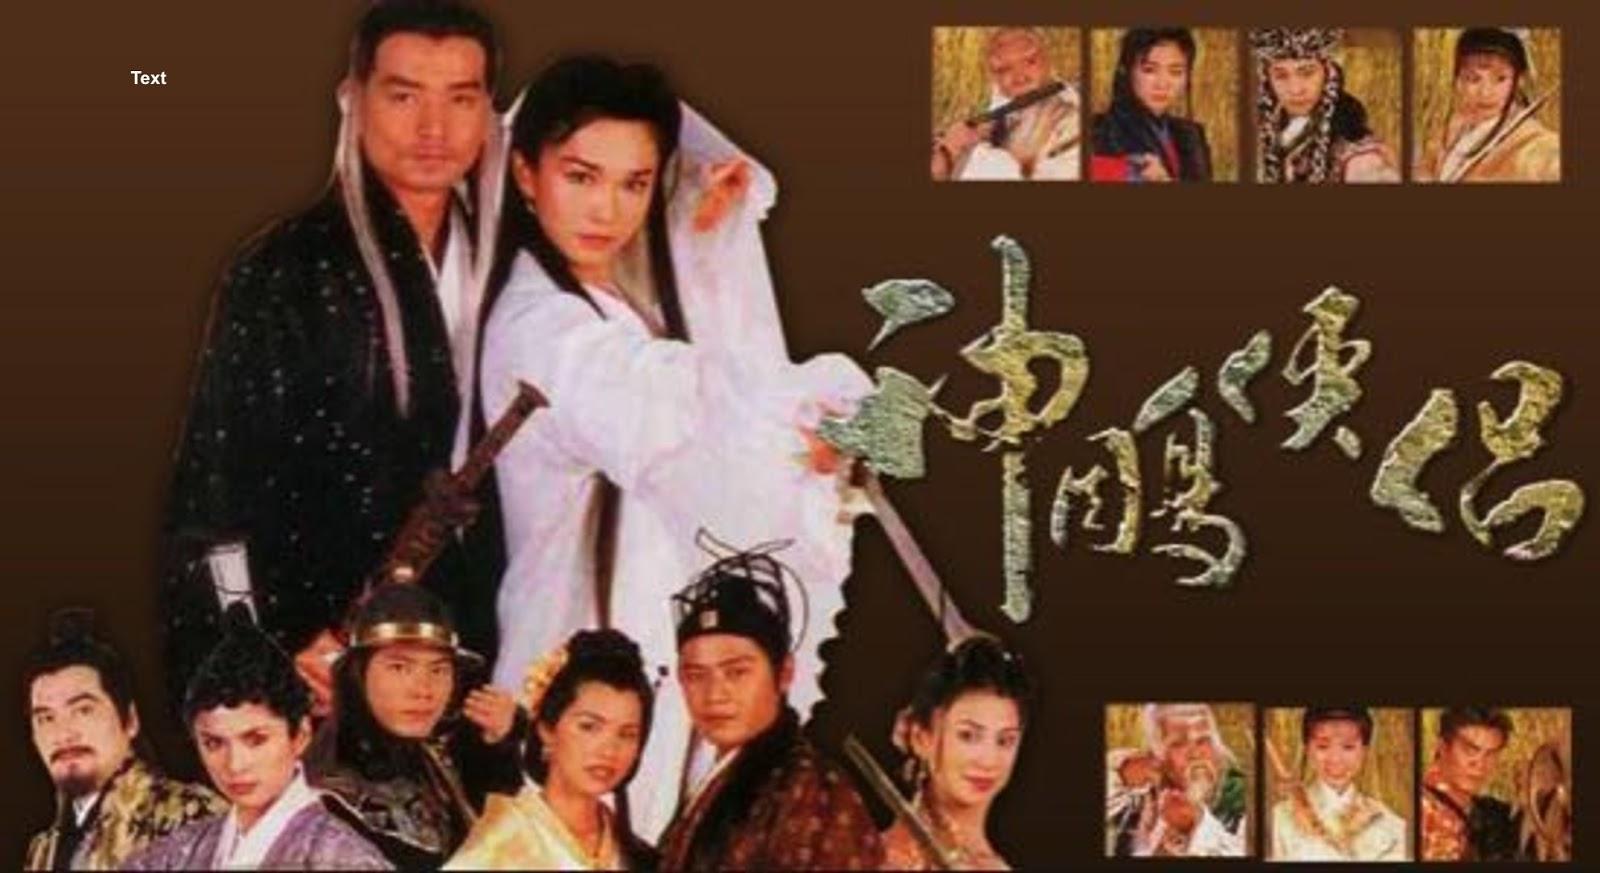 Phim song kiem hop bich Trung Quoc